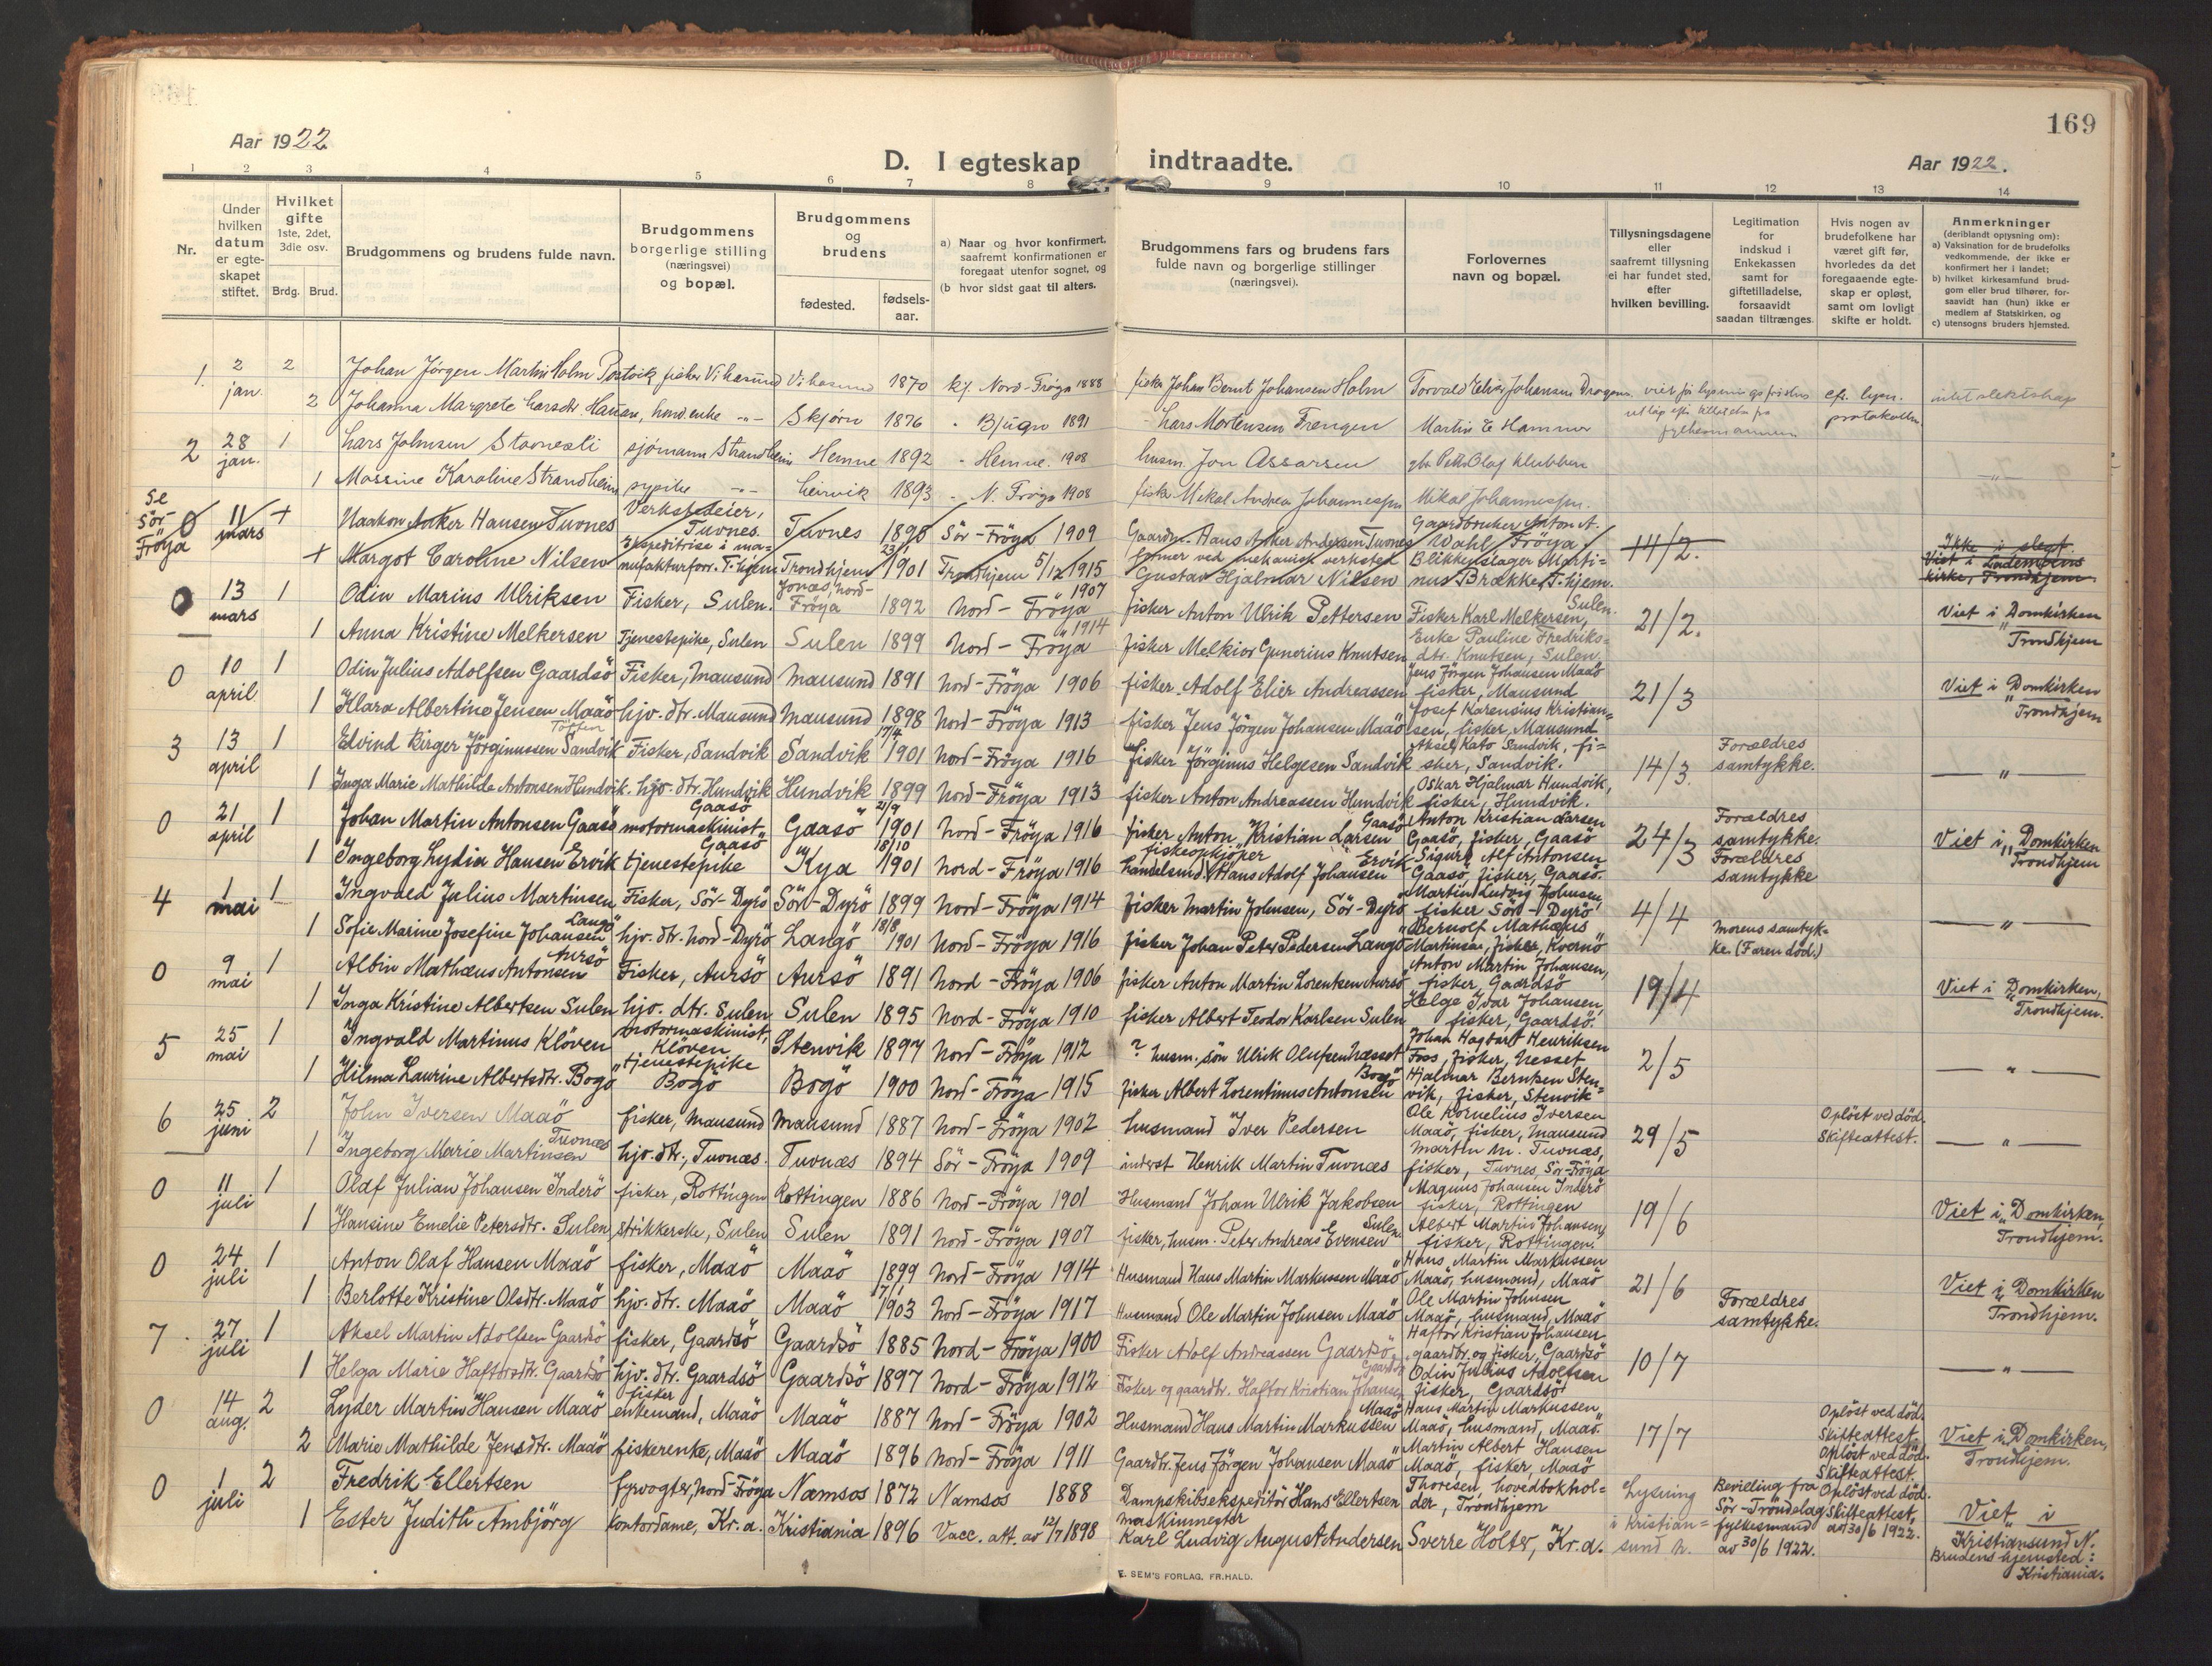 SAT, Ministerialprotokoller, klokkerbøker og fødselsregistre - Sør-Trøndelag, 640/L0581: Ministerialbok nr. 640A06, 1910-1924, s. 169